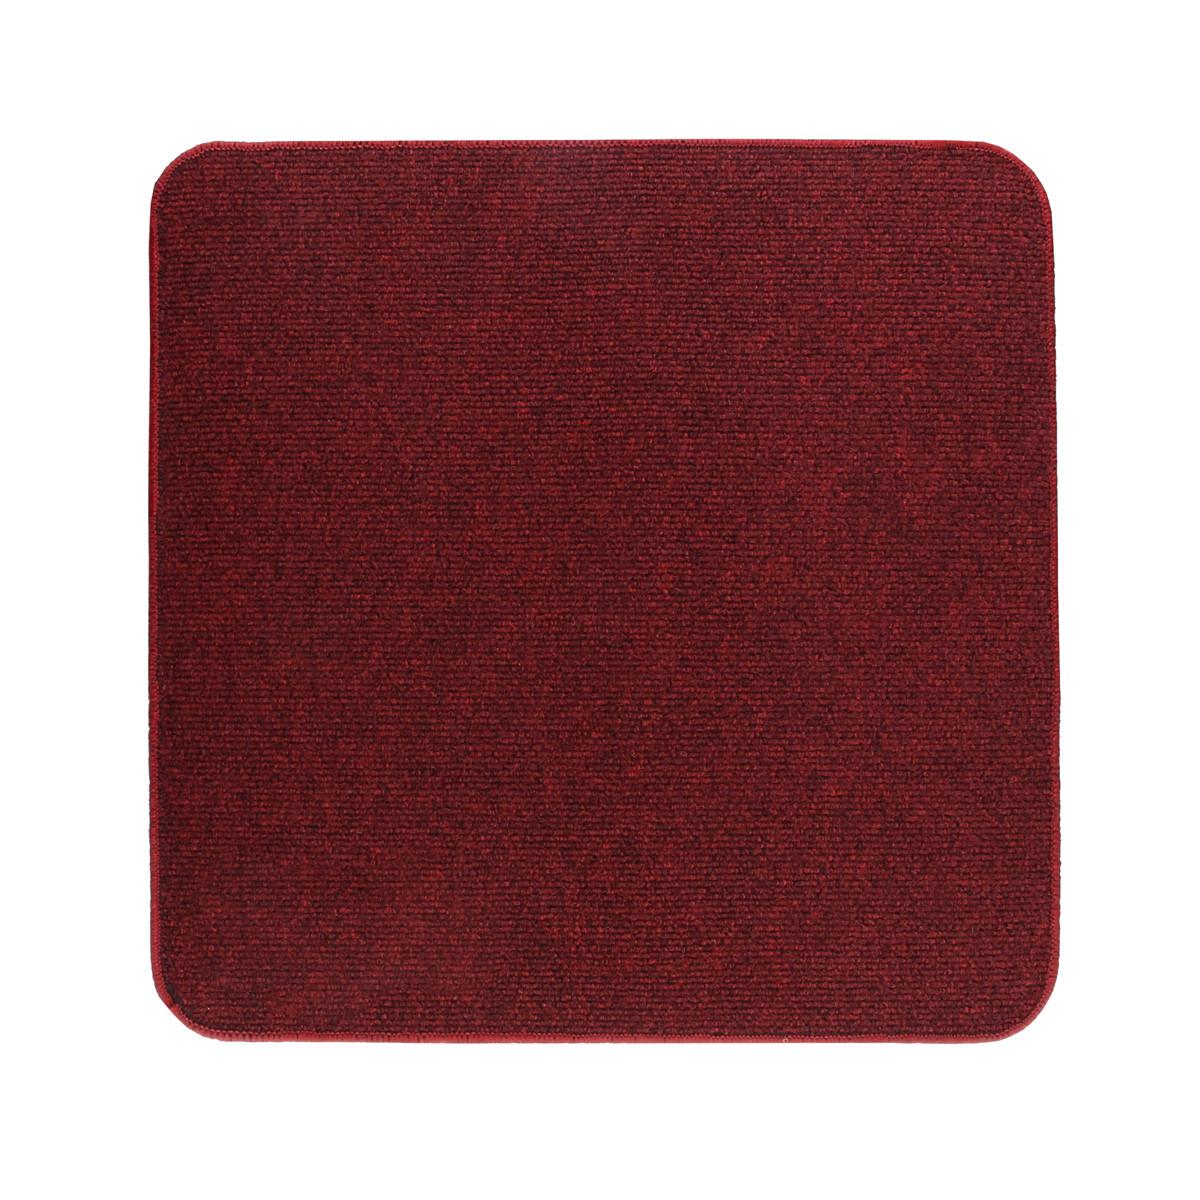 Электрический коврик с подогревом Теплик с термоизоляцией 50 х 50 см Темно-красный